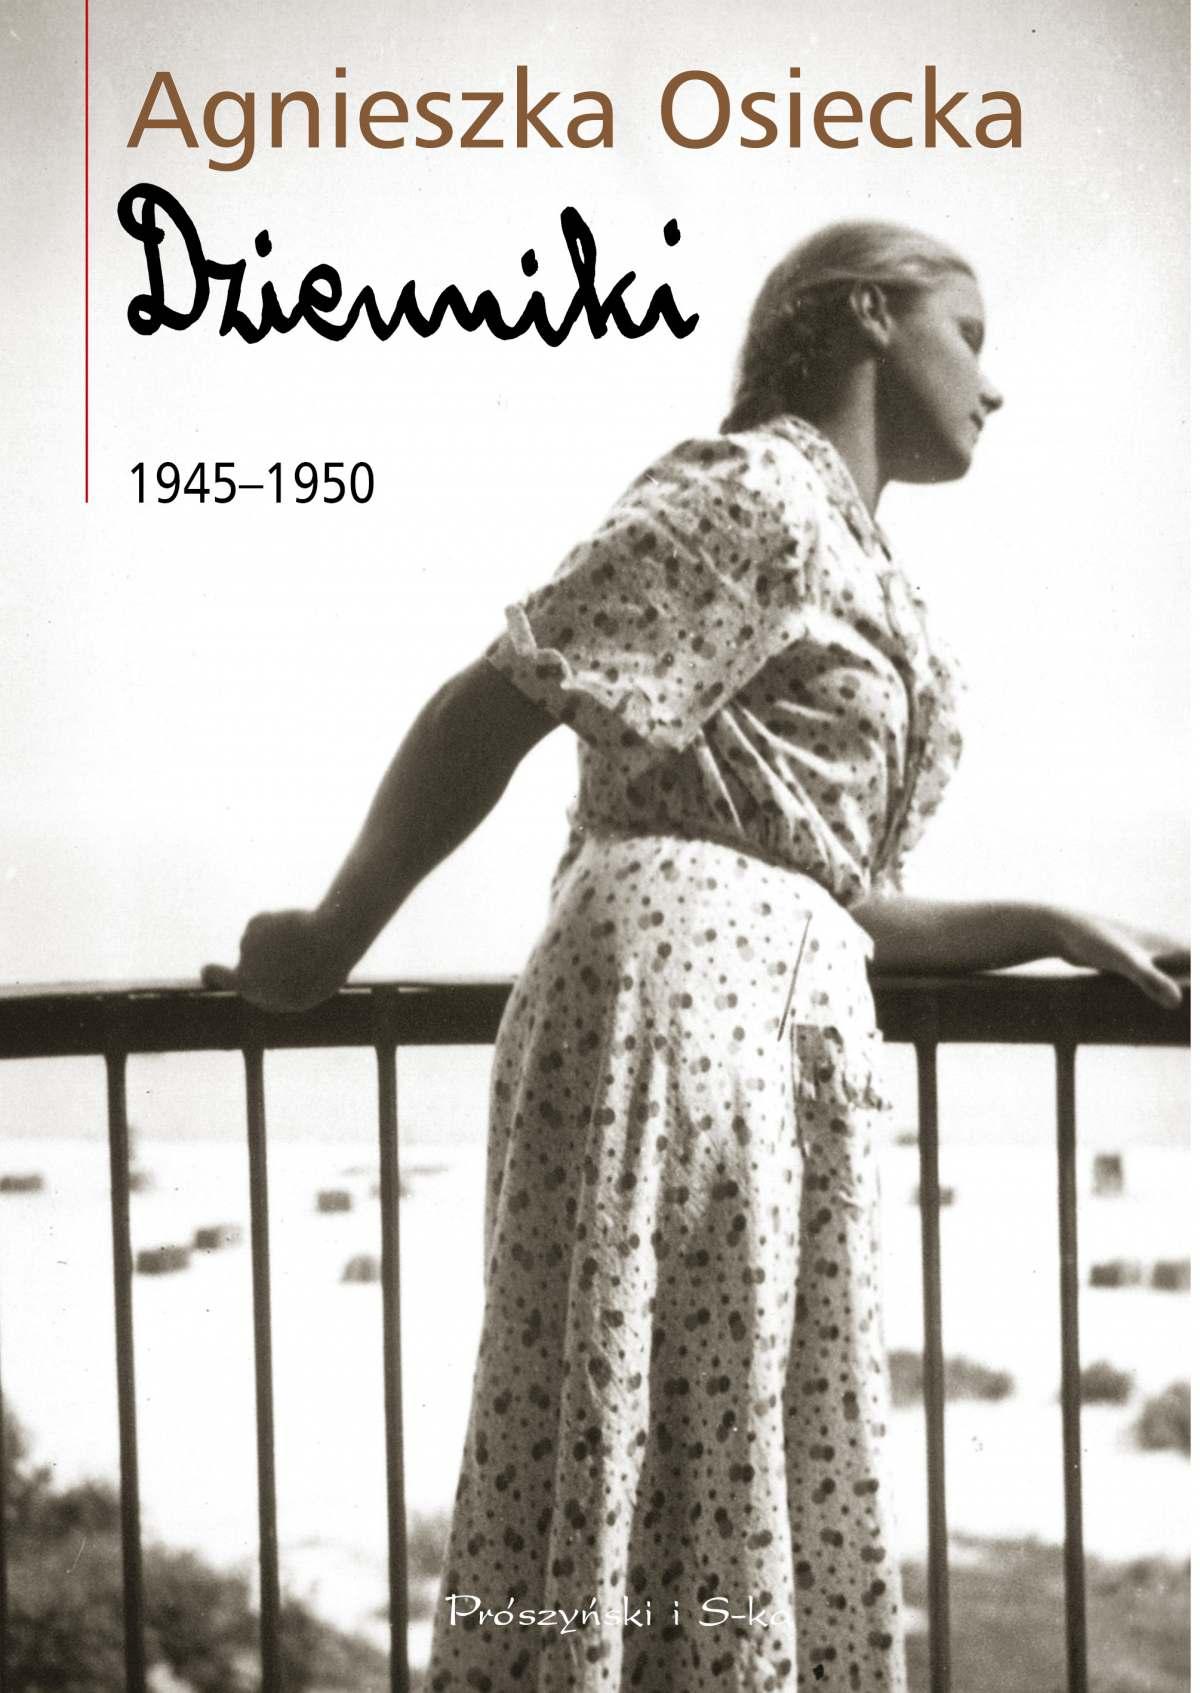 Dzienniki 1945-1950 - Ebook (Książka EPUB) do pobrania w formacie EPUB